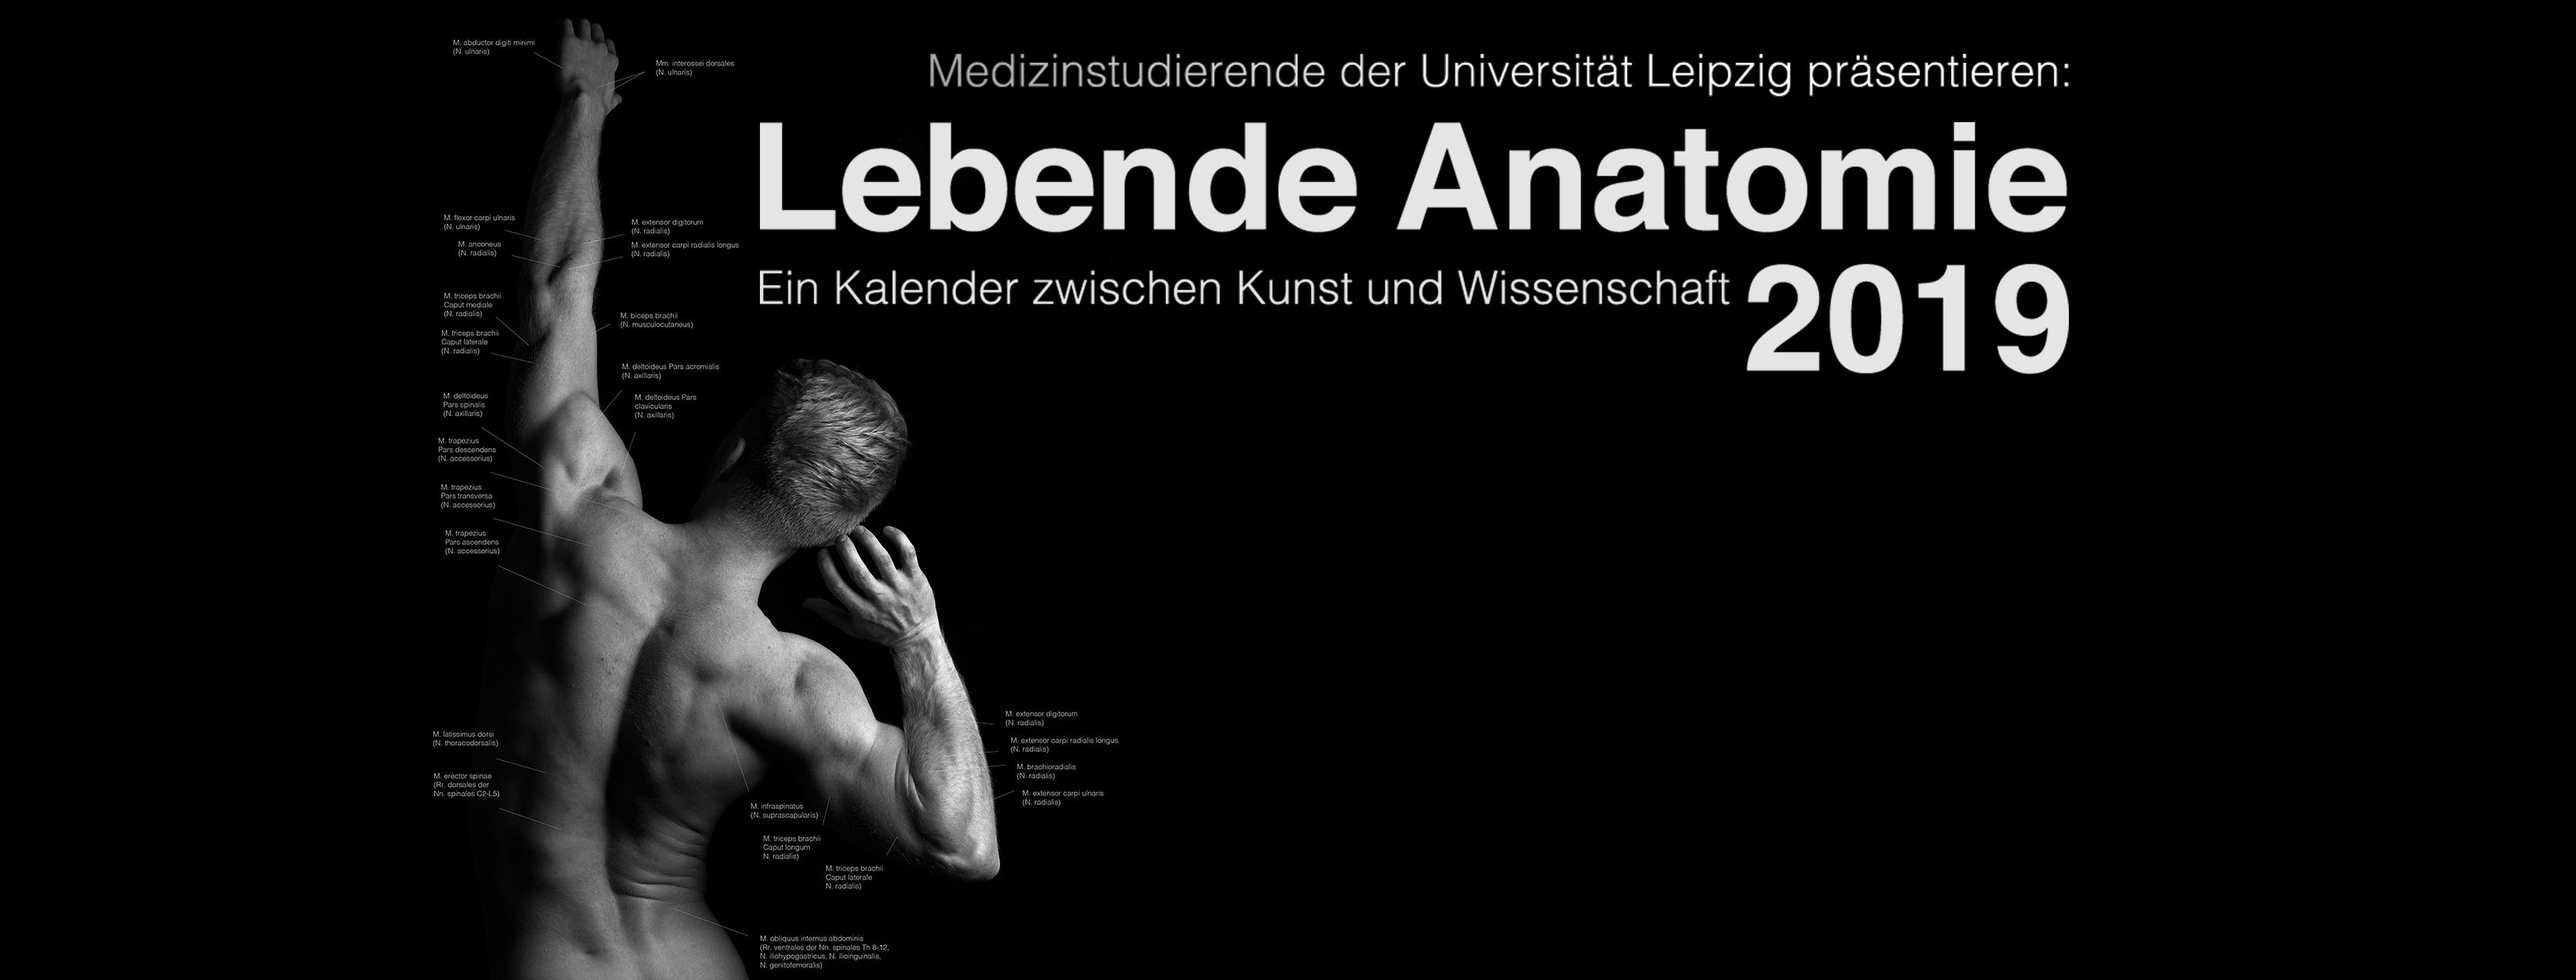 Lebende Anatomie - Ein Kalender zwischen Kunst und Wissenschaft ...